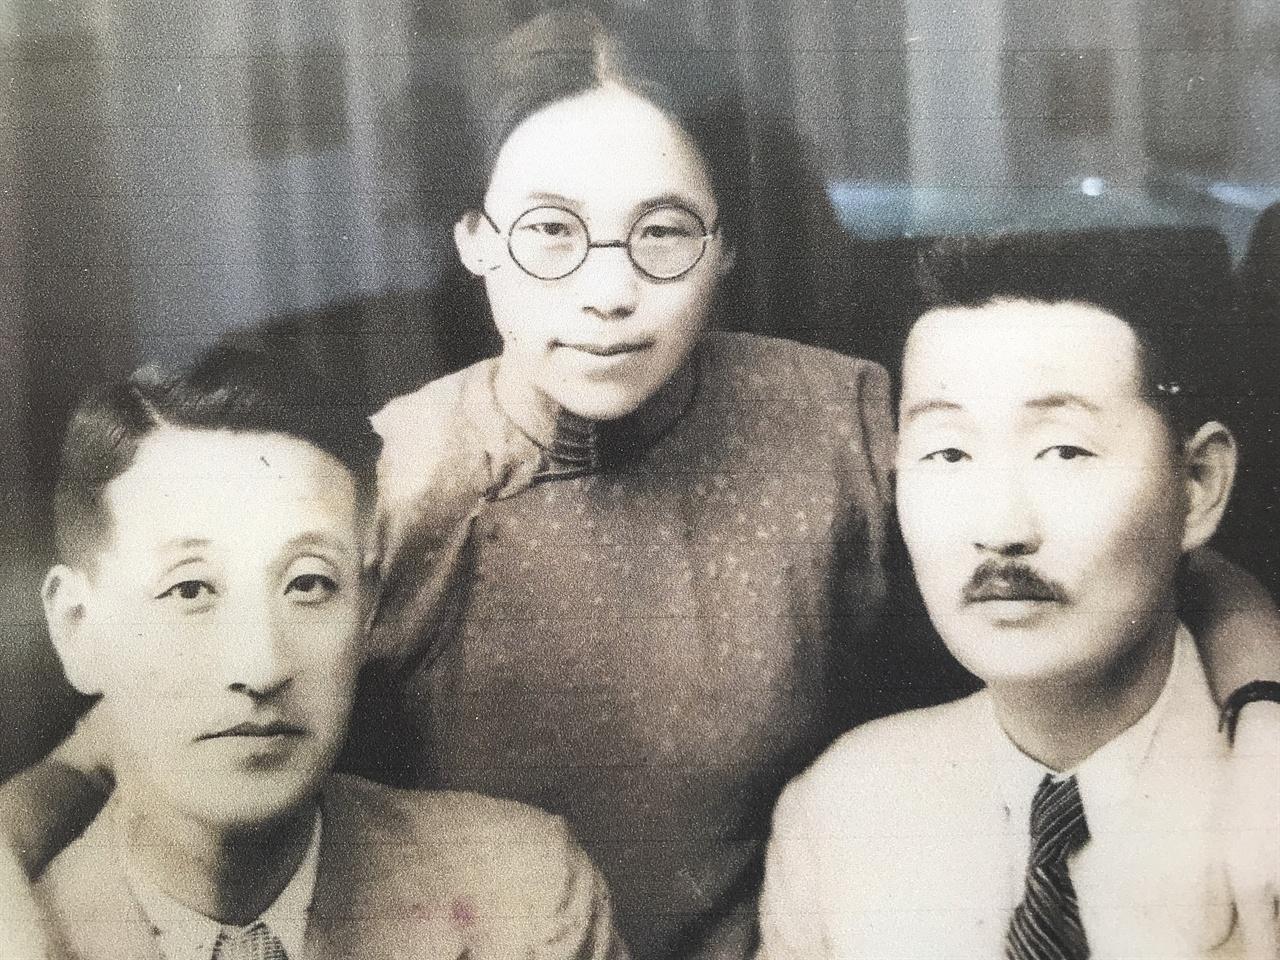 이상화 시인과 이상정-권기옥 부부 왼쪽부터 이상화 시인, 권기옥 비행사, 이상정 장군. 독립운동가 이상정 장군은 시인 이상화의 형이다. 이상정의 아내이자 이상화 시인의 형수인 권기옥은 우리나라 최초의 여성 공군 비행사로 공군 창설에 기여했다. 중국에서 활동하며 일본 도쿄 황궁 폭격 계획을 세우기도 했다. 이상화 생가에서 재촬영한 사진.